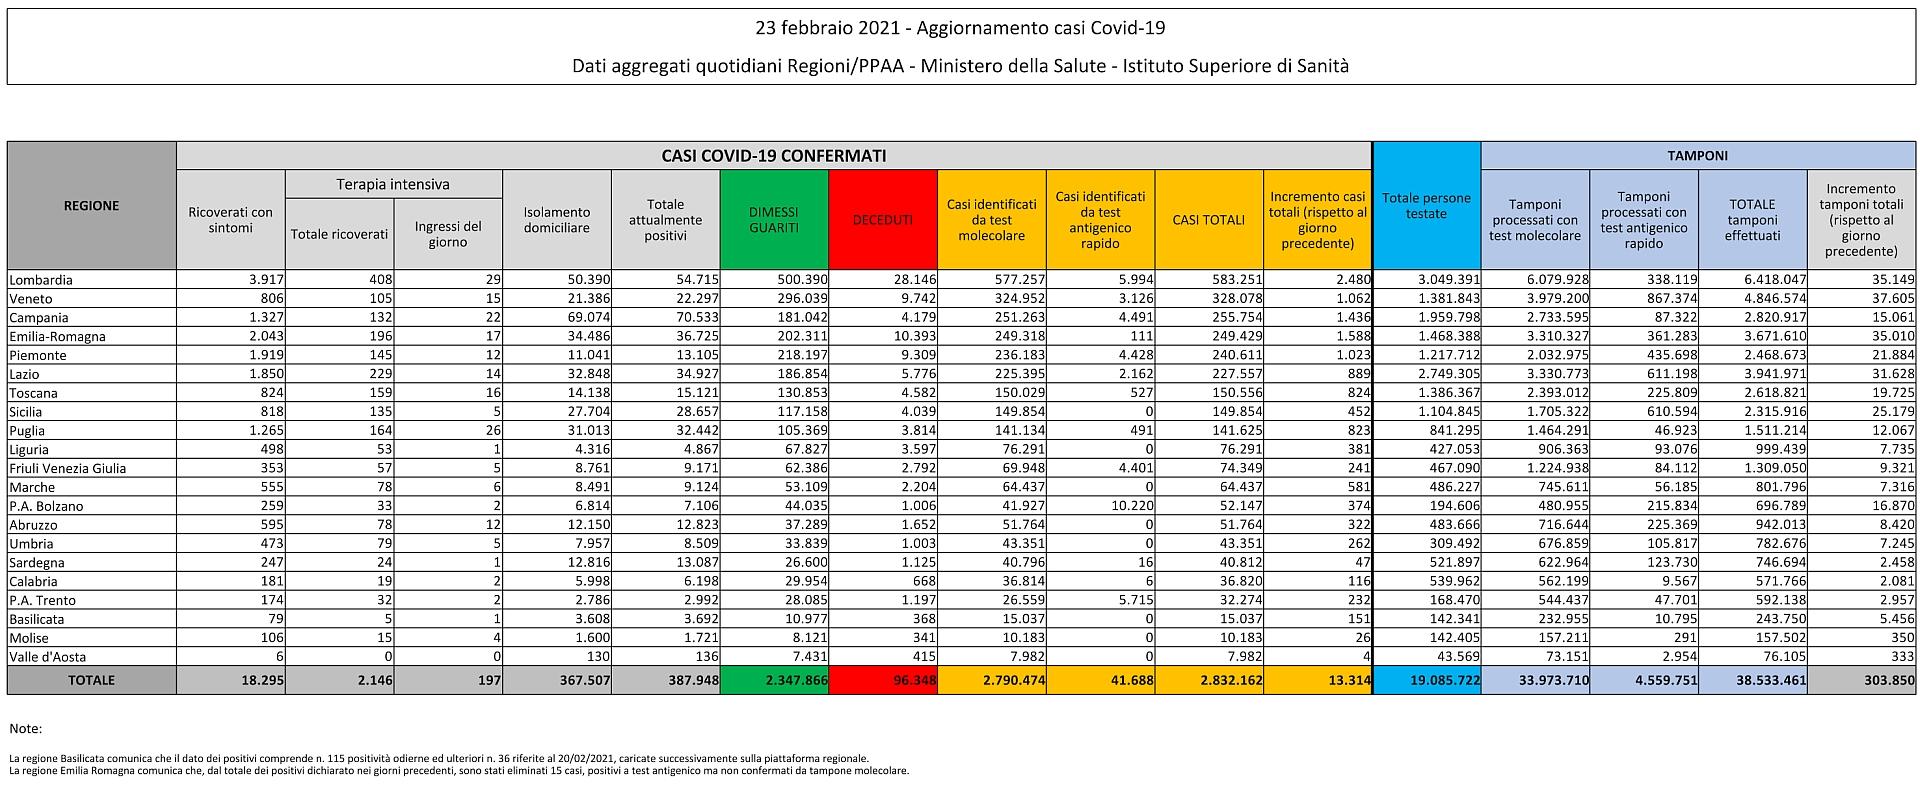 23 febbraio 2021 - Aggiornamento casi Covid-19 Dati aggregati quotidiani Regioni/PPAA - Ministero della Salute - Istituto Superiore di Sanità